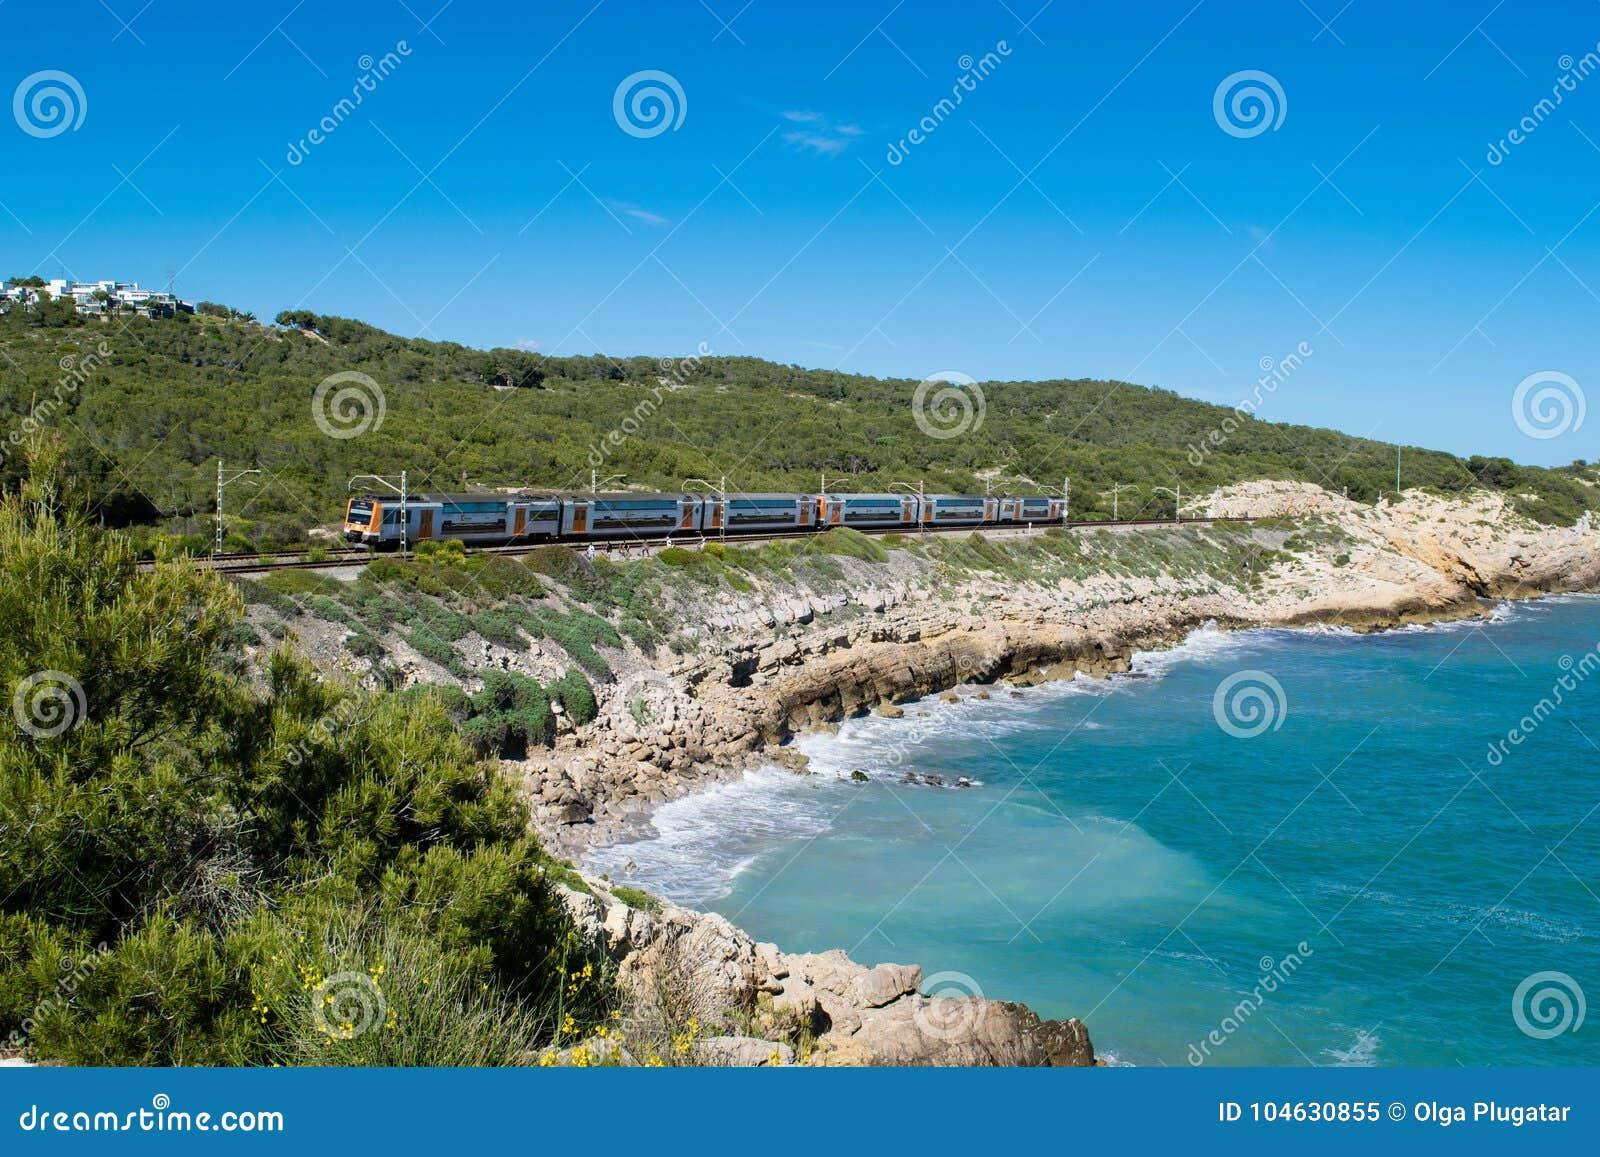 Download Trein op de kustlijn stock afbeelding. Afbeelding bestaande uit nave - 104630855